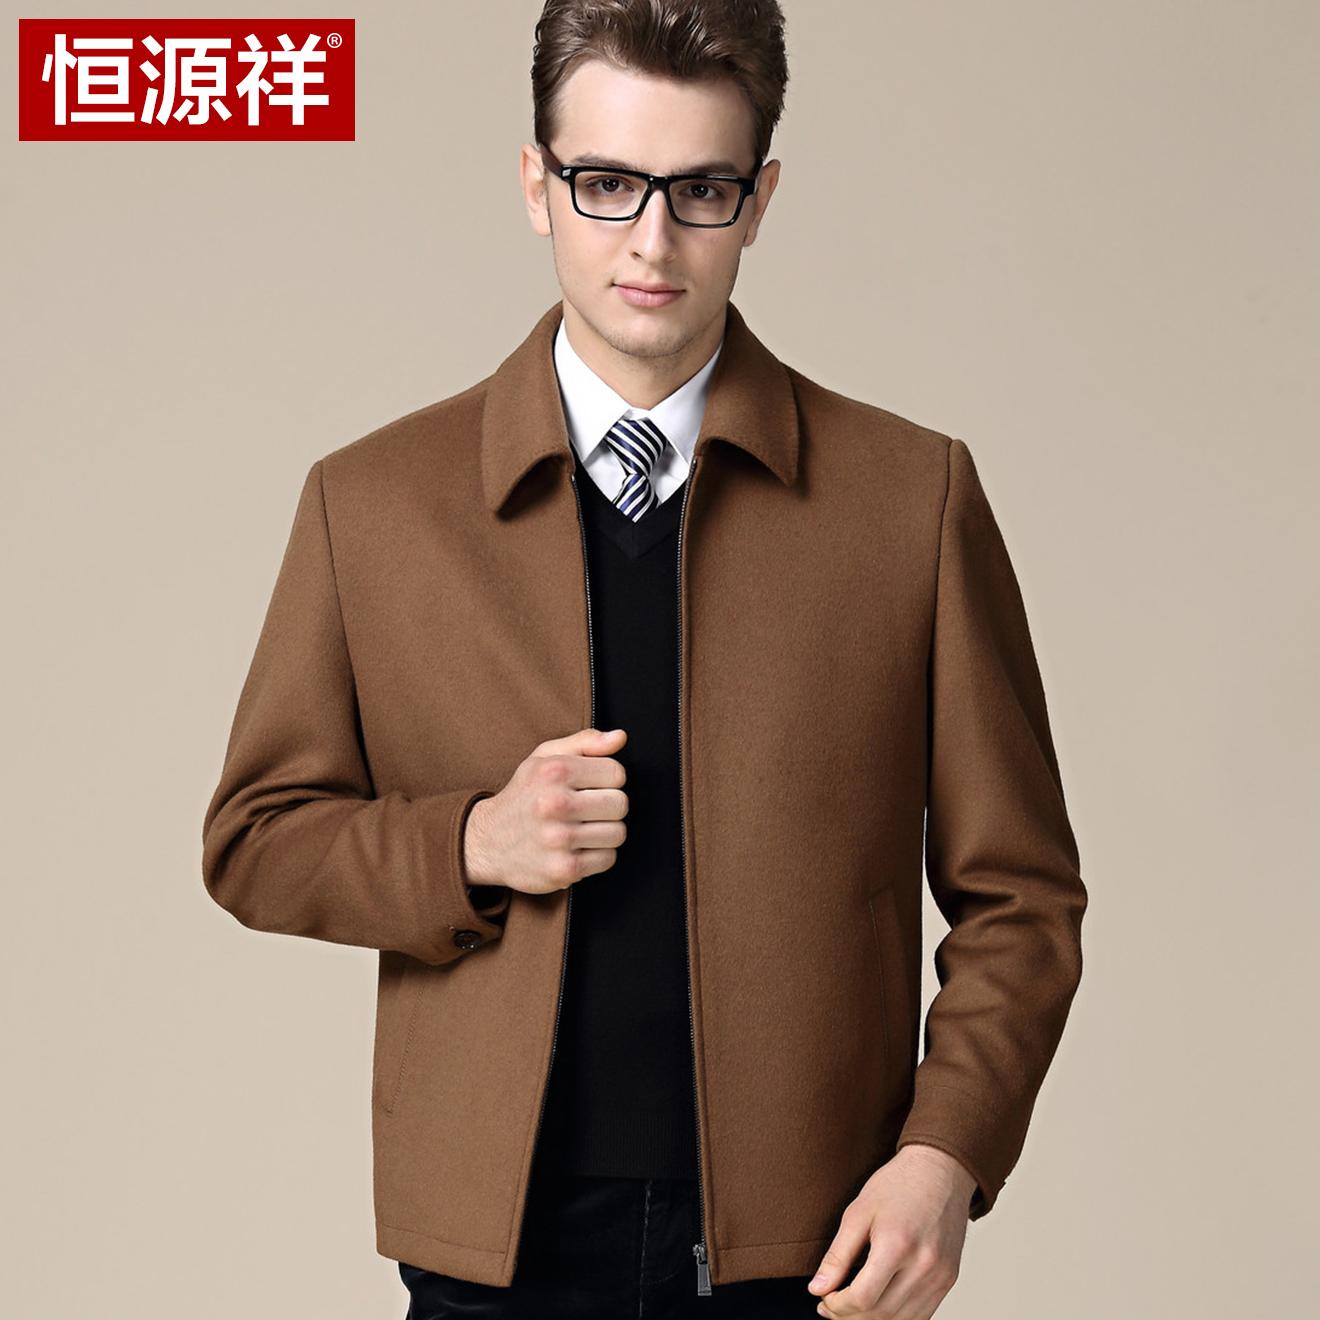 恒源祥男装外套100%纯羊毛翻领夹克羊毛呢子大衣中年爸爸冬装外套